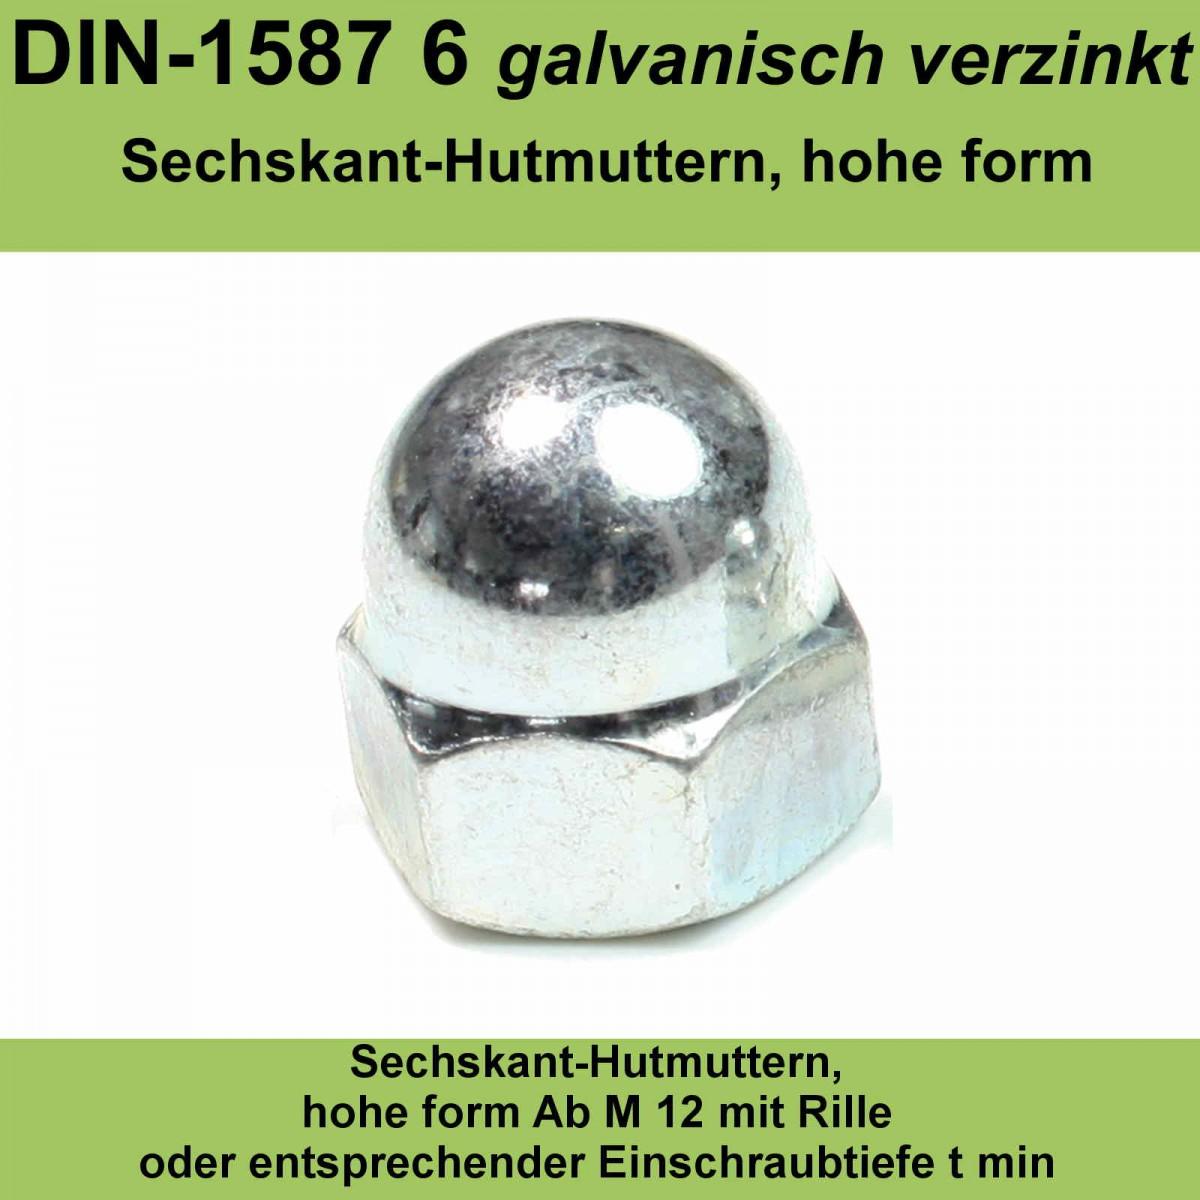 0125 Hutmuttern Hutmutter M4 Sechskant Kunststoff DIN1587 10 St/ück